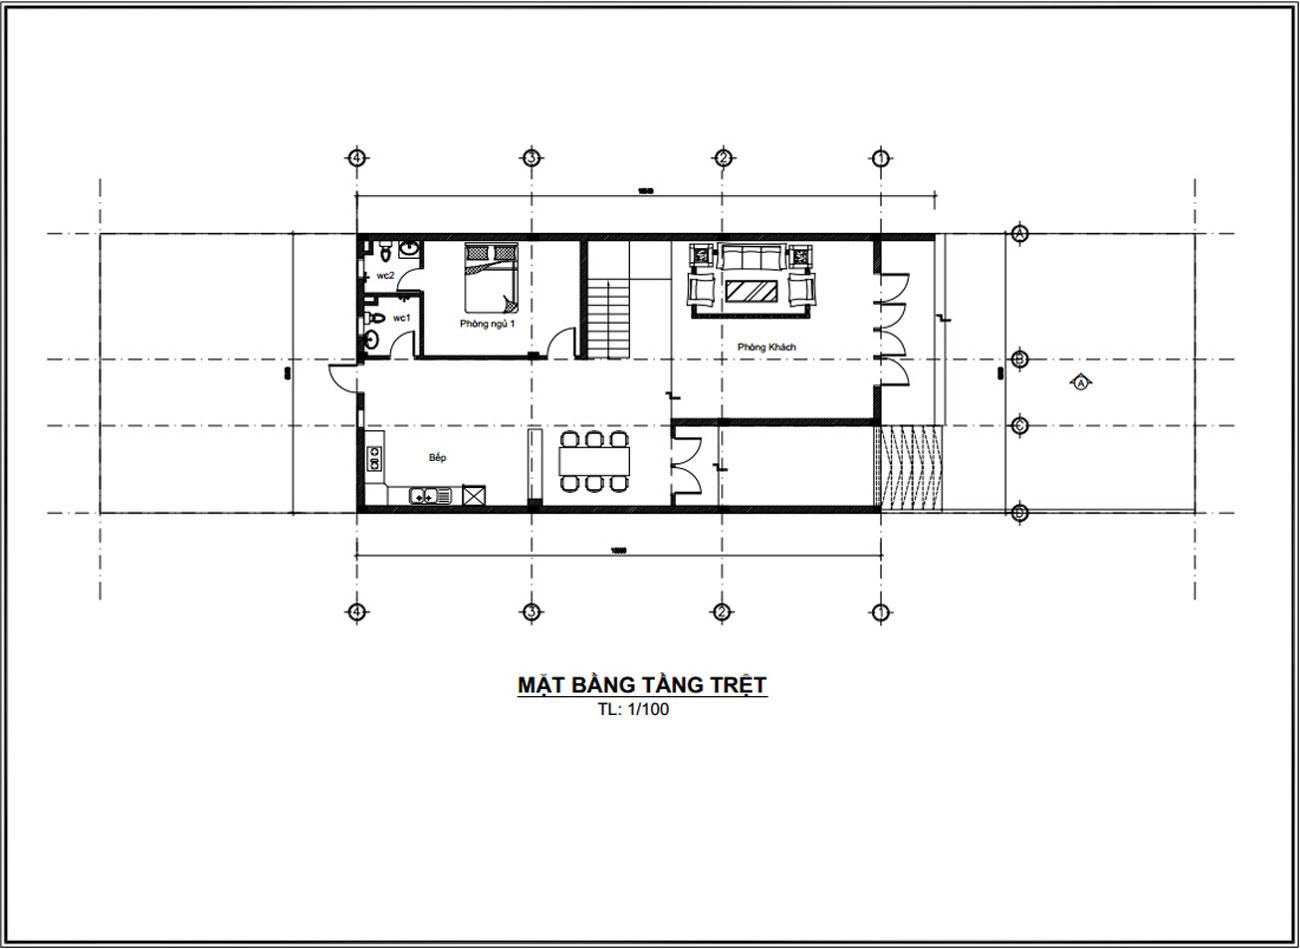 Mặt bằng tầng trệt mẫu nhà ống 2 tầng đẹp giá rẻ 8x16m tại Vũng Tàu